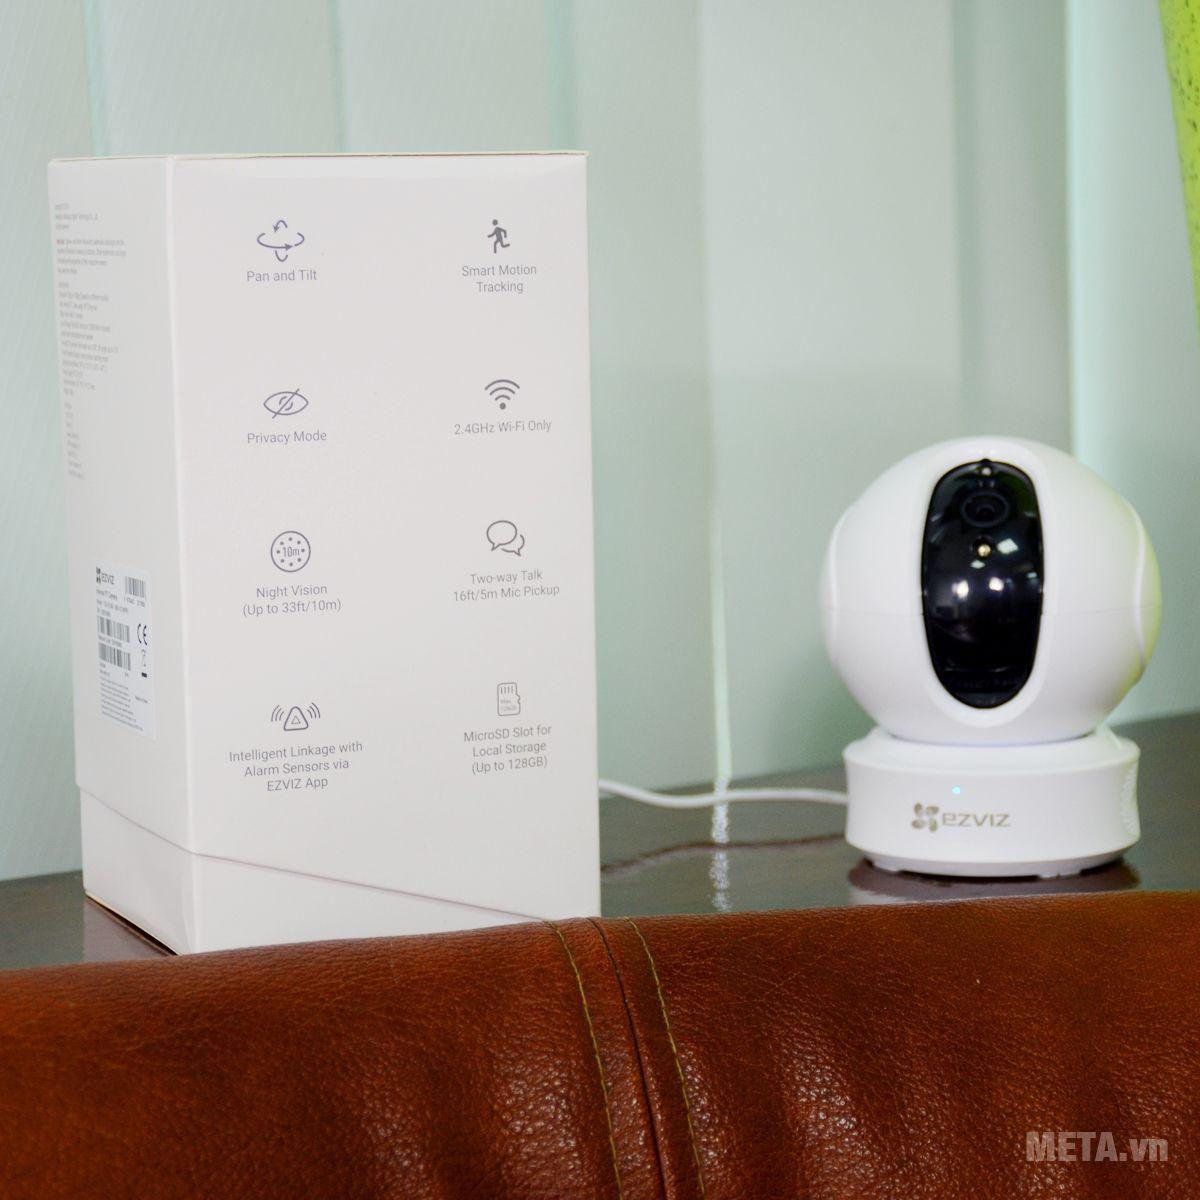 Camera Ezviz tích hợp nhiều tính năng